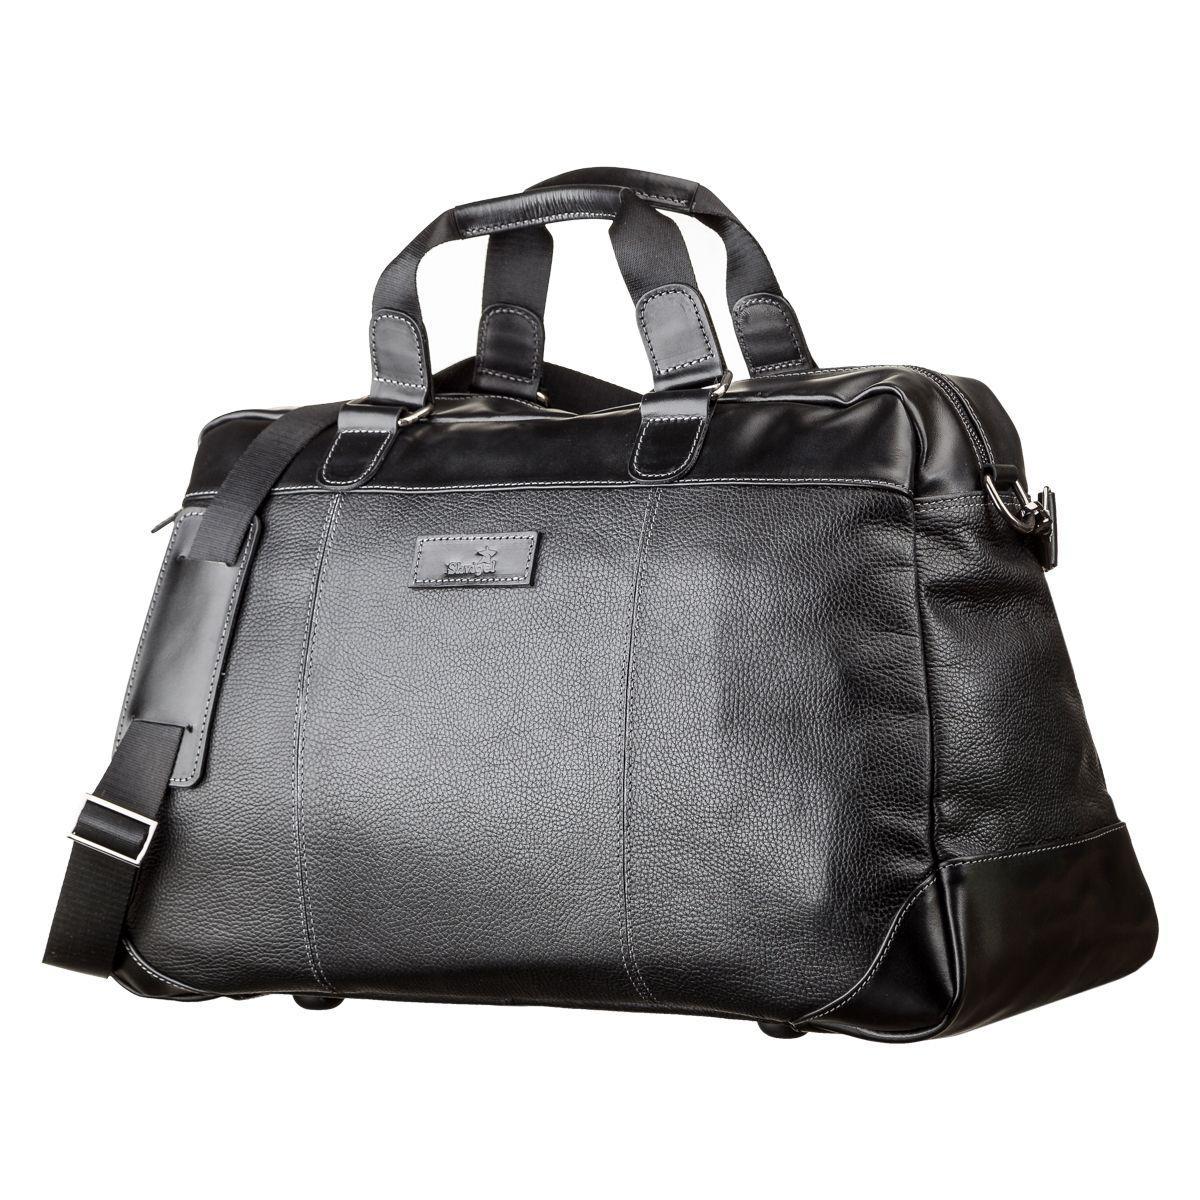 53da5294fb72 Купить Дорожная сумка SHVIGEL 11120 кожаная Черная, Черный в ...